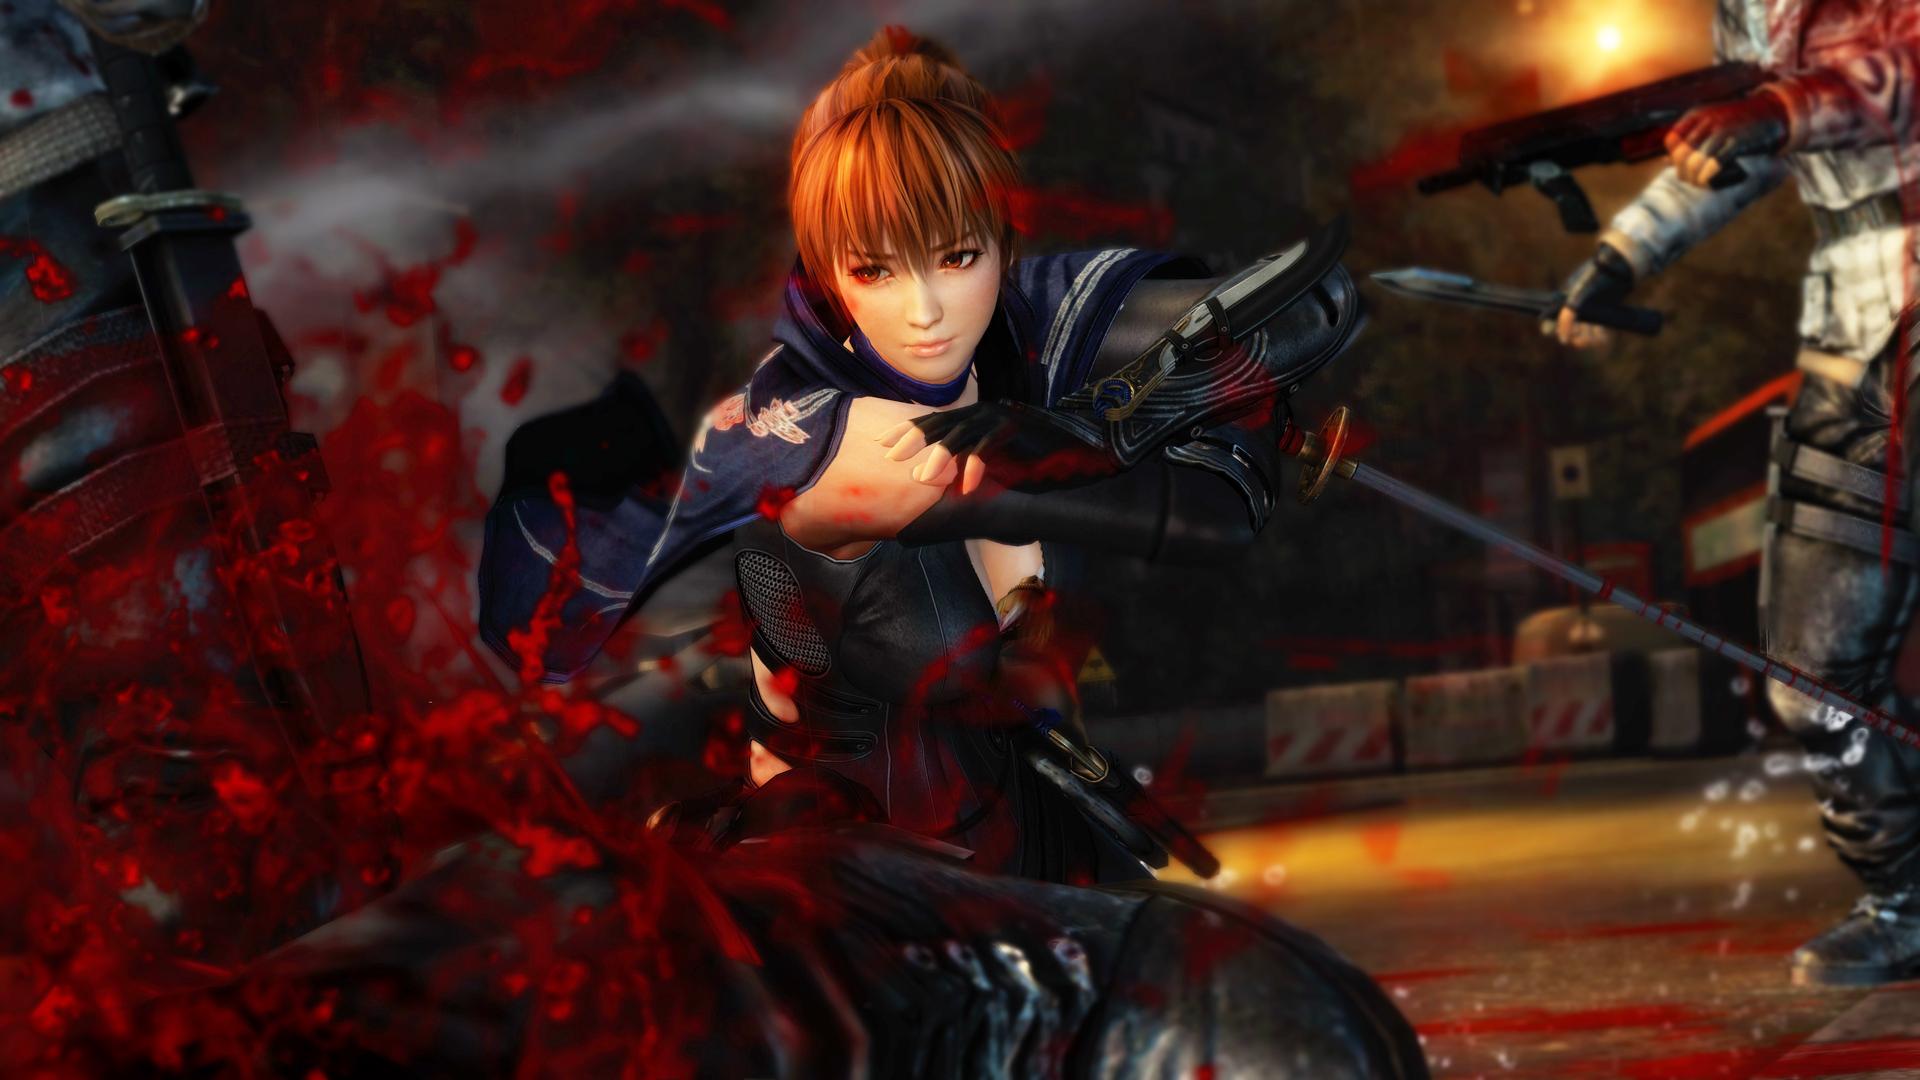 image - kasumi-ninja-gaiden-3-razors-edge-03 | ninja gaiden wiki